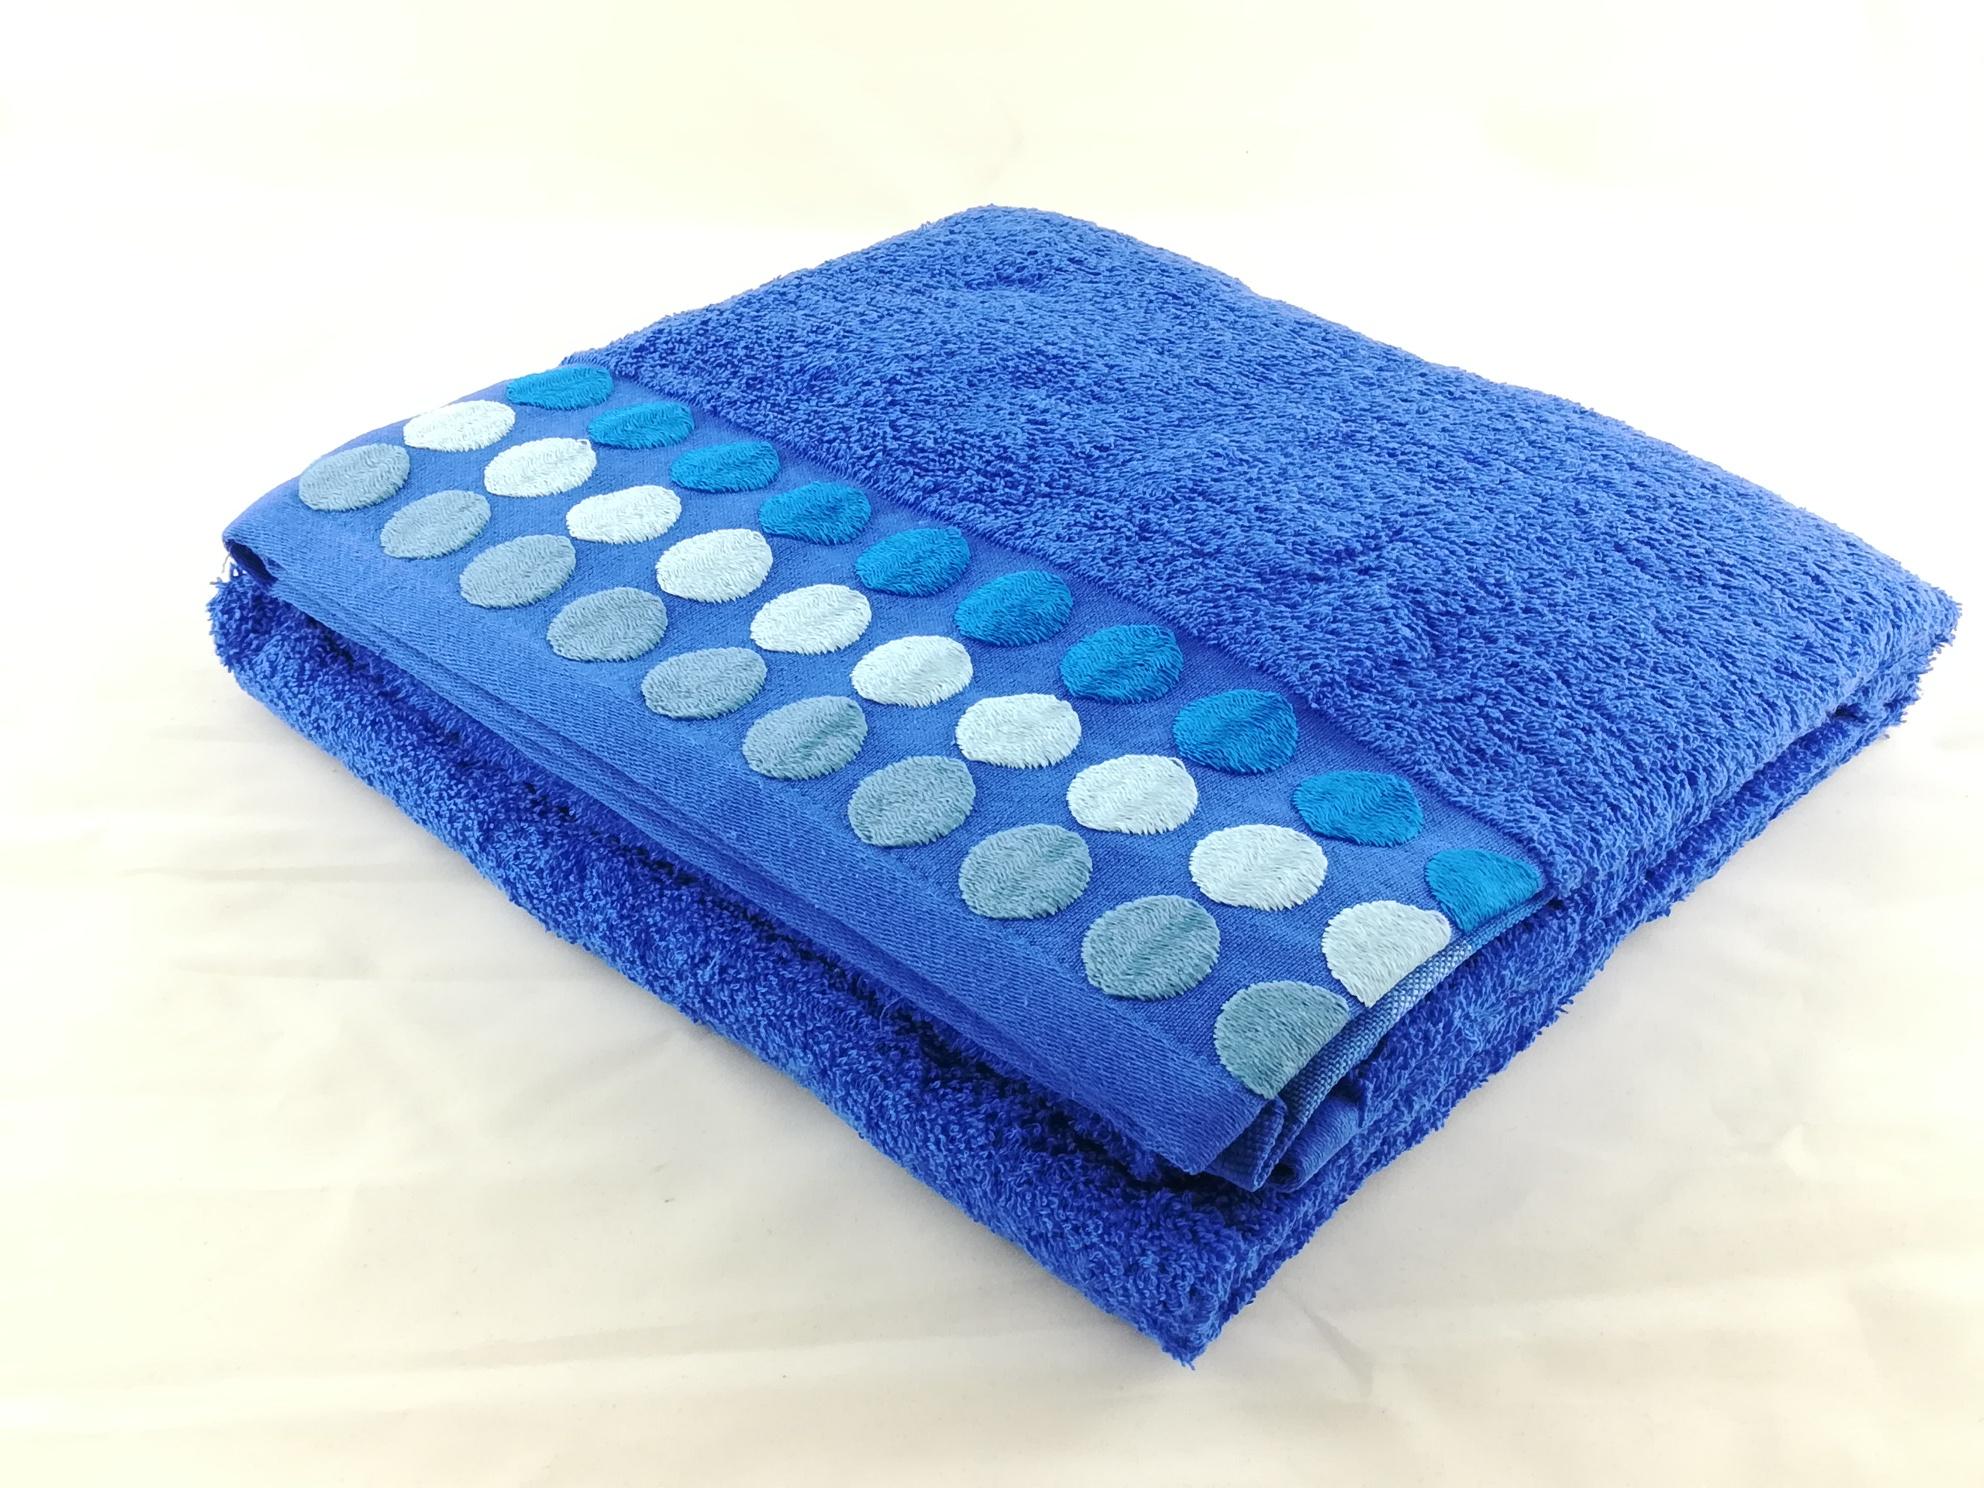 Juego Toallas 3pcs Dots Azul Royal